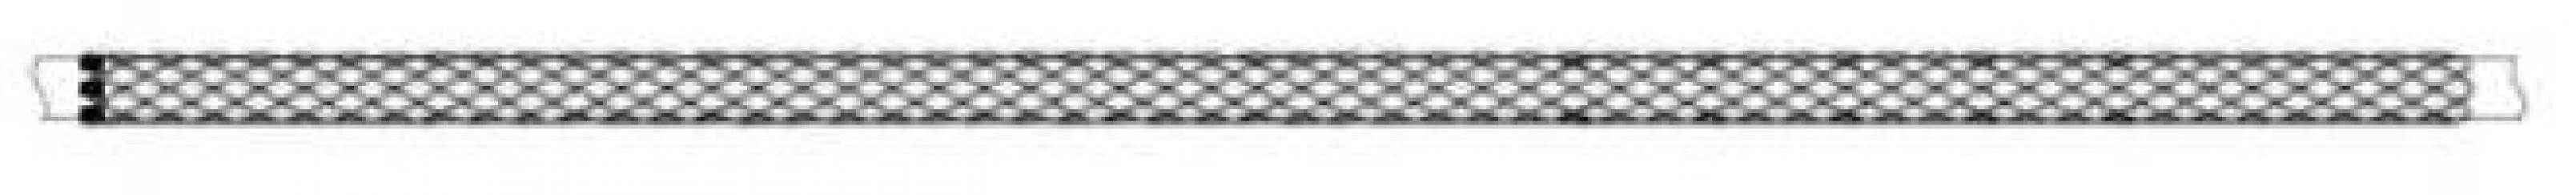 Кабельный чулок транзитный (соединительный) КЧТ80